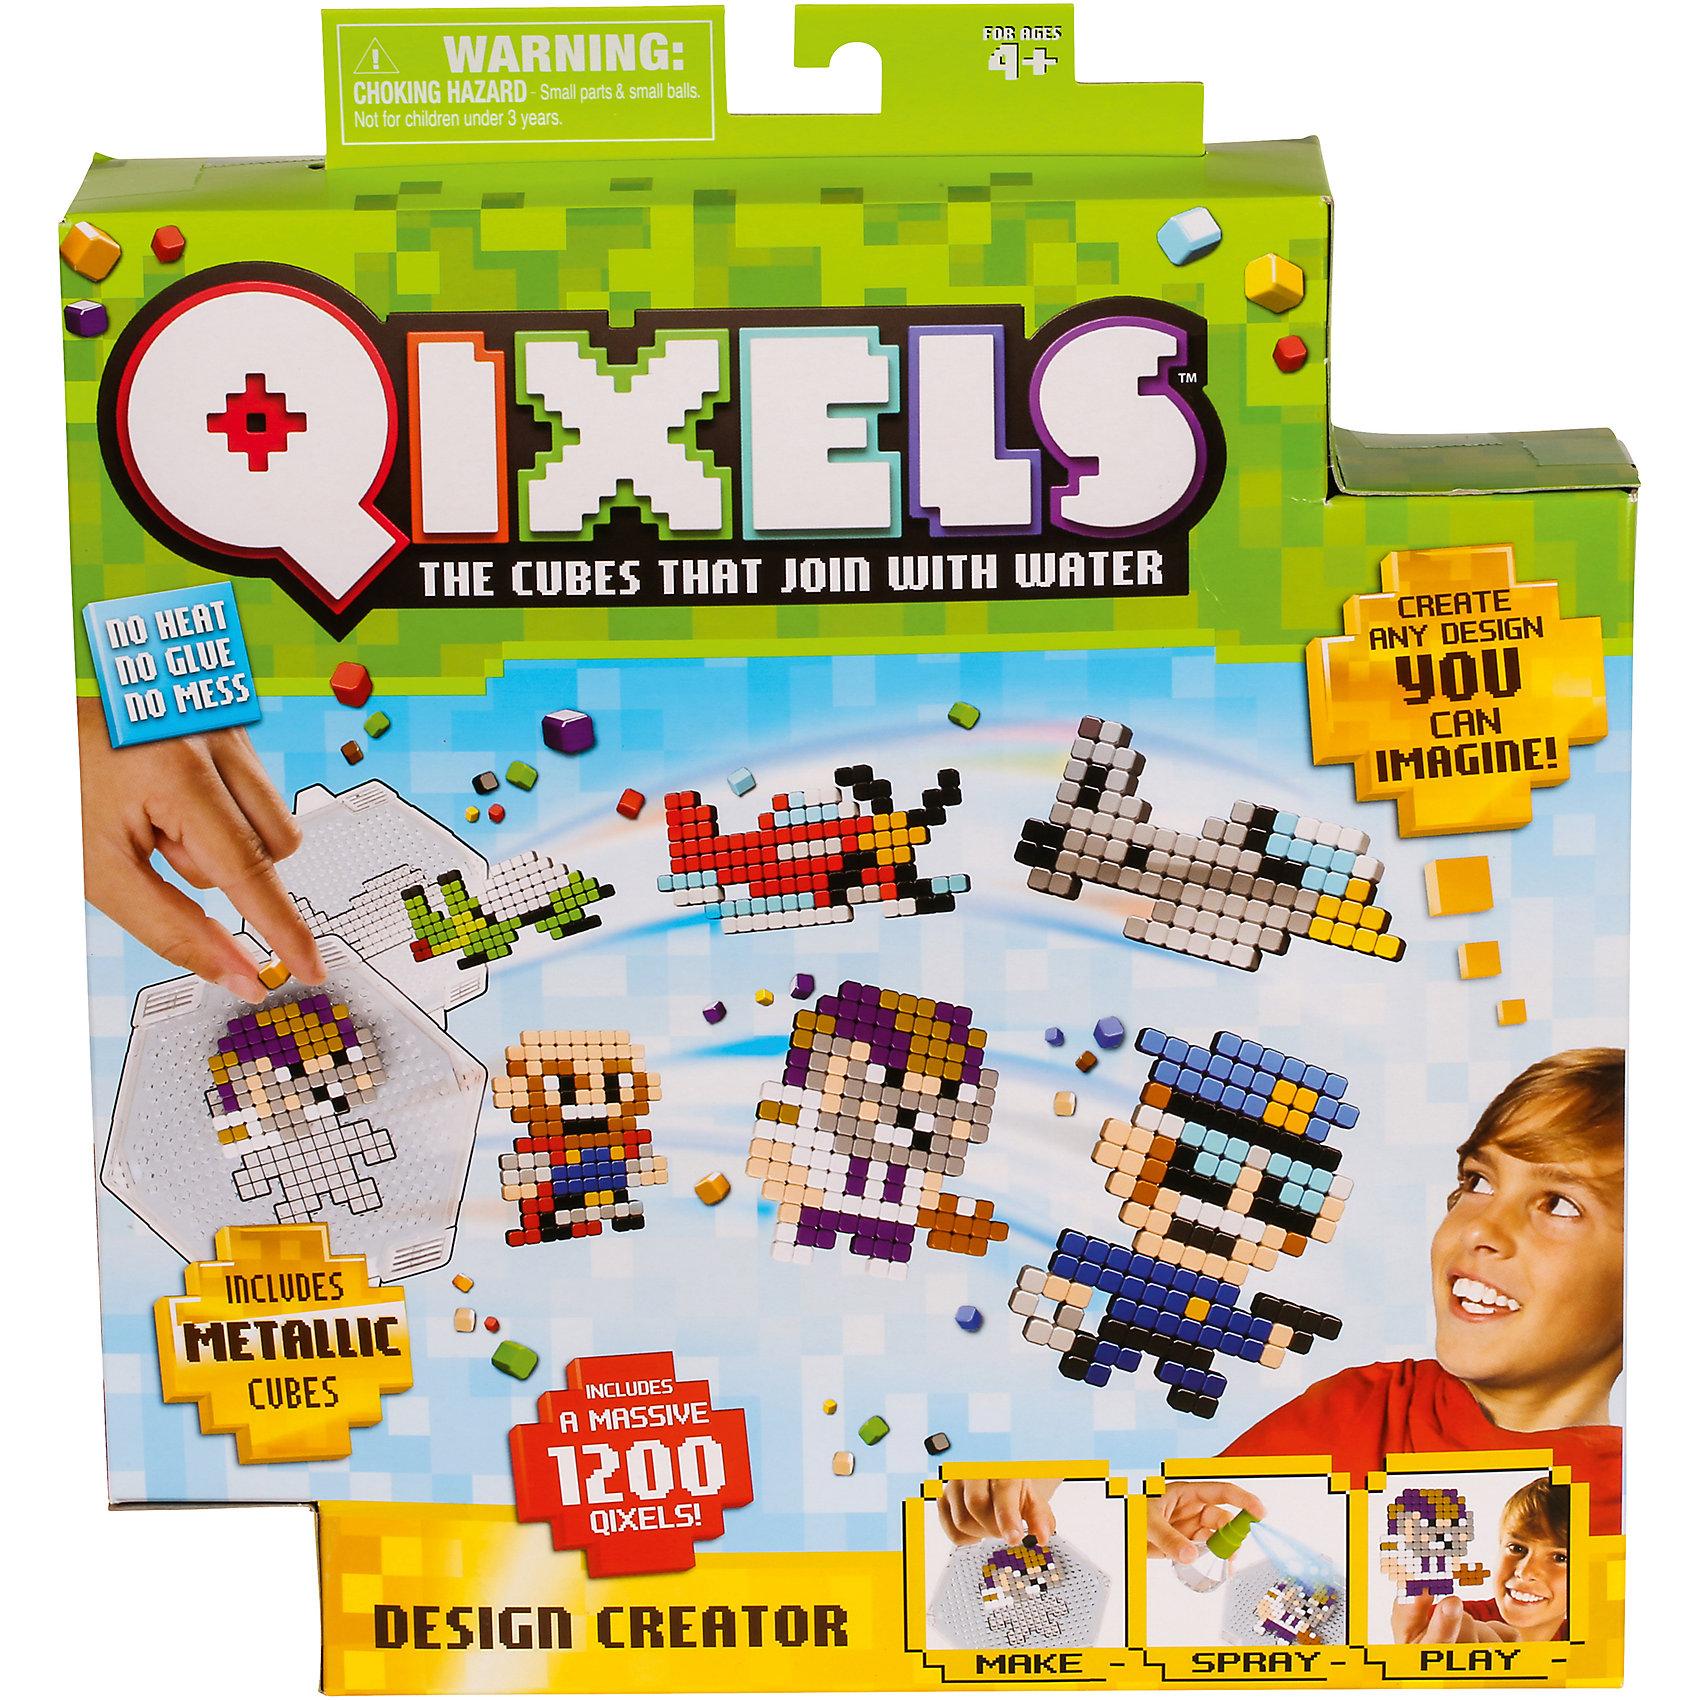 QIXELS Набор для творчества ДизайнерПластмассовые конструкторы<br>Qixels – кубики, которые скрепляются при помощи воды! Создай свой дизайн, сбрызни водой, оставь на 30 минут и фигурка готова! В набор входят черно-белые лекала силуэты, что позволяет проявить фантазию и создать свои собственные уникальные дизайны. Состав набора: 1200 кубиков, 8 дизайн лекал, дизайн лоток, емкость для кубиков, распылитель воды и инструкция.<br><br>Ширина мм: 55<br>Глубина мм: 290<br>Высота мм: 260<br>Вес г: 428<br>Возраст от месяцев: 60<br>Возраст до месяцев: 1188<br>Пол: Унисекс<br>Возраст: Детский<br>SKU: 6742250